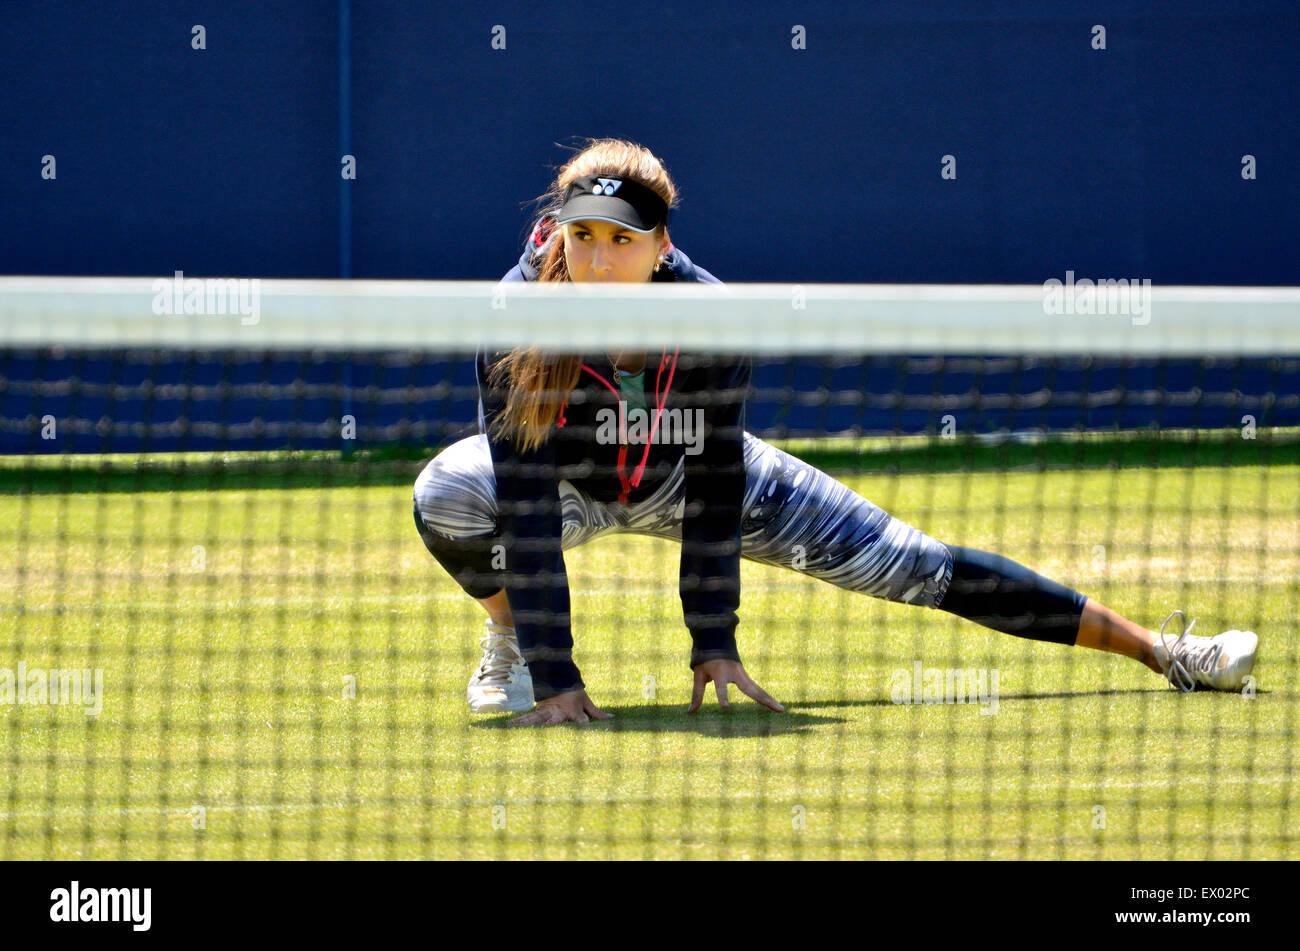 Belinda Bencic (Svizzera) prima della formazione di finale al Aegon International, Eastbourne, 24 giugno 2015 Immagini Stock